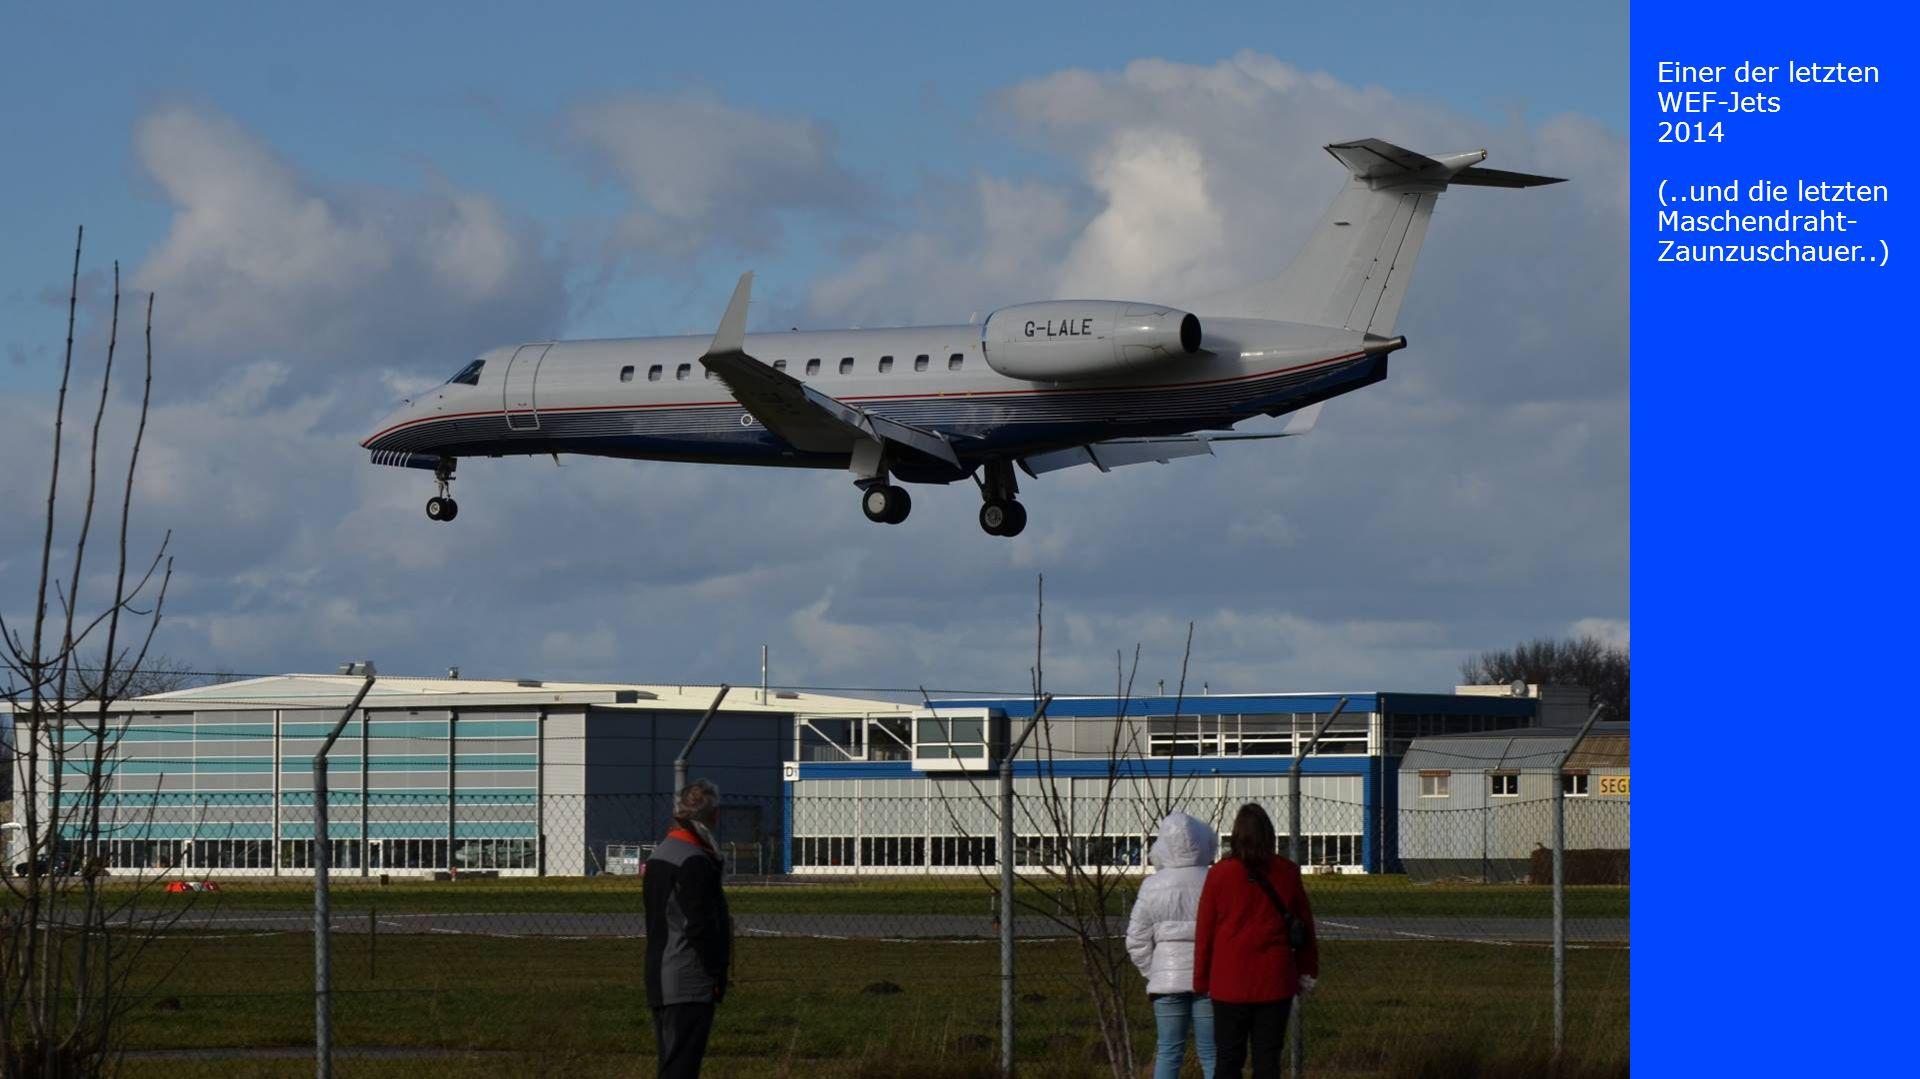 Ein kleinerer der Grossen im Backtrack Rwy 28 Gulfstream Aerospace G150 Nur ca.